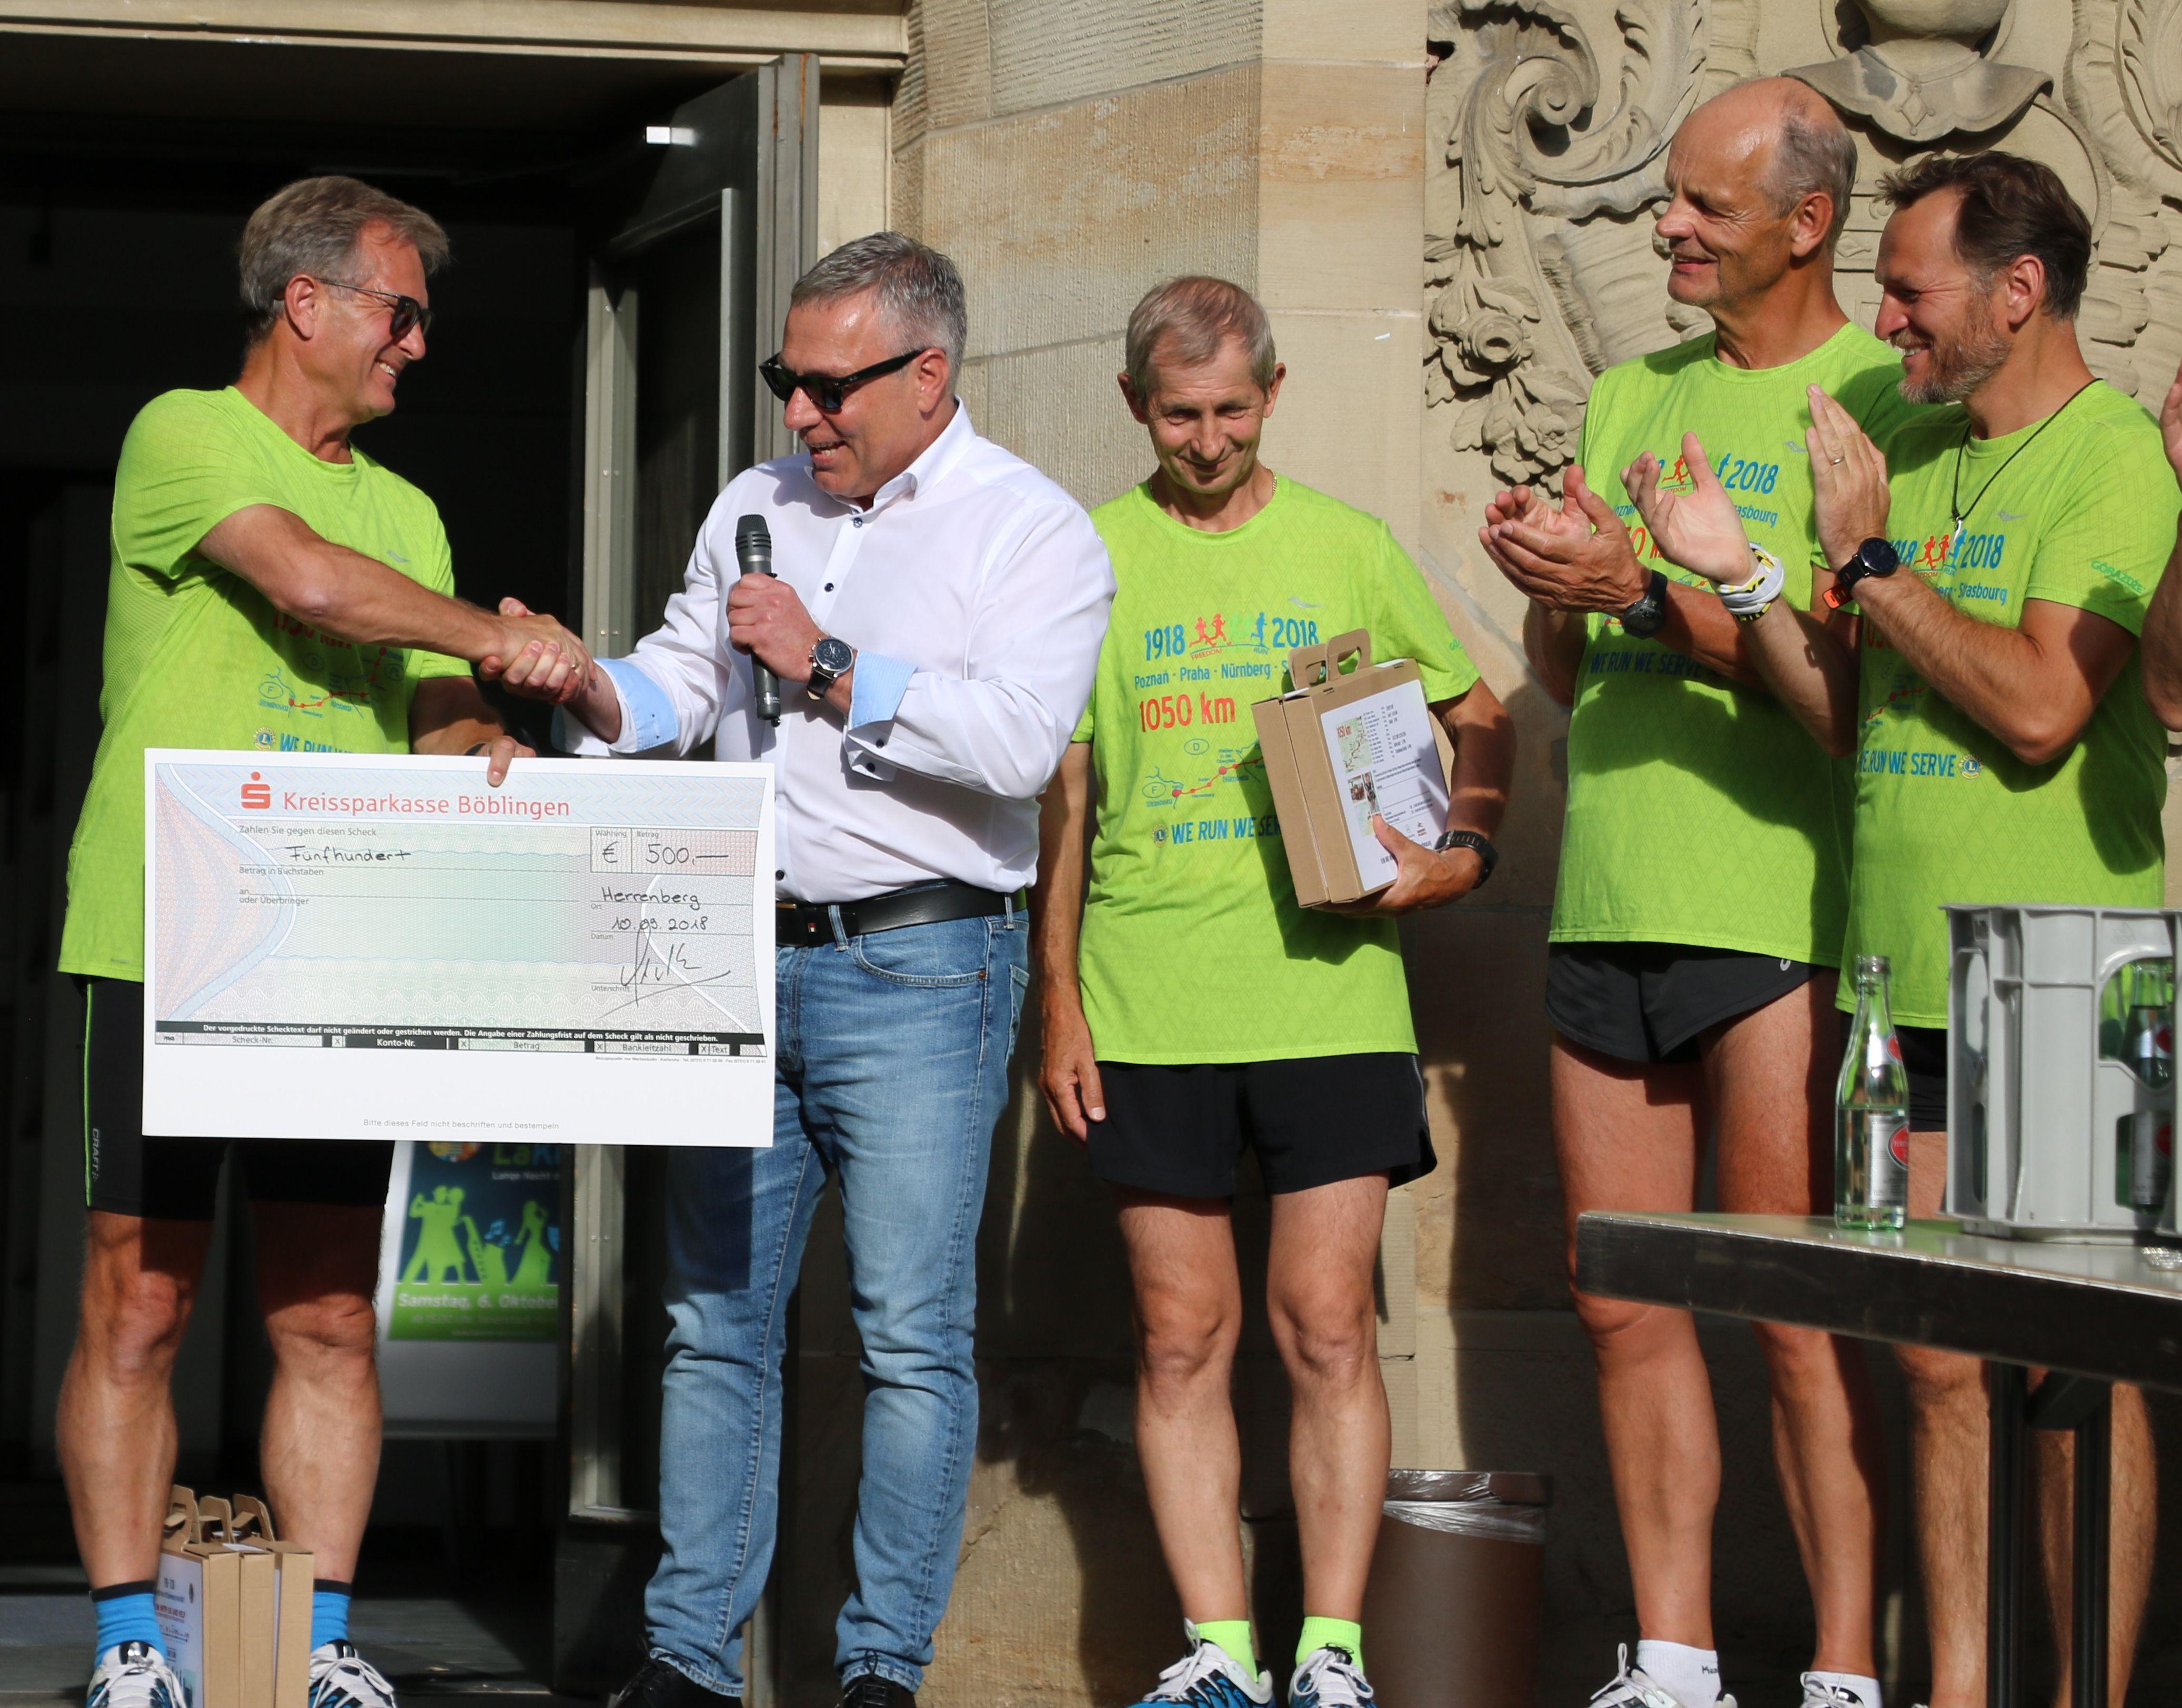 Günter Multrus, Präsident des Herrenberger Lions Clubs (rechts), überreicht Dr. Mariusz Szeib vom Lions Club Poznan den Spendenscheck.